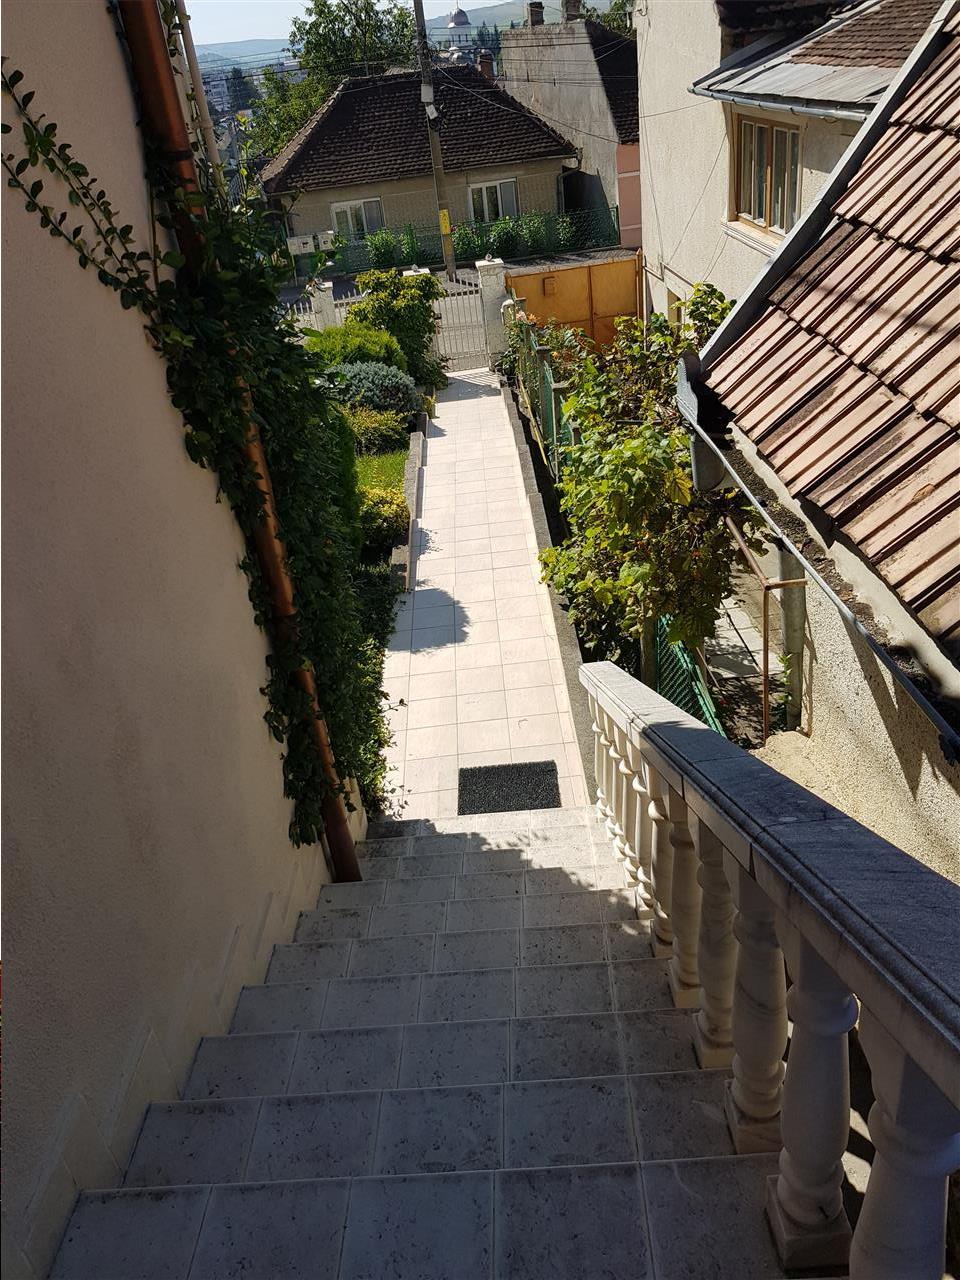 De vanzare casa in Tarnaveni, judetul Mures